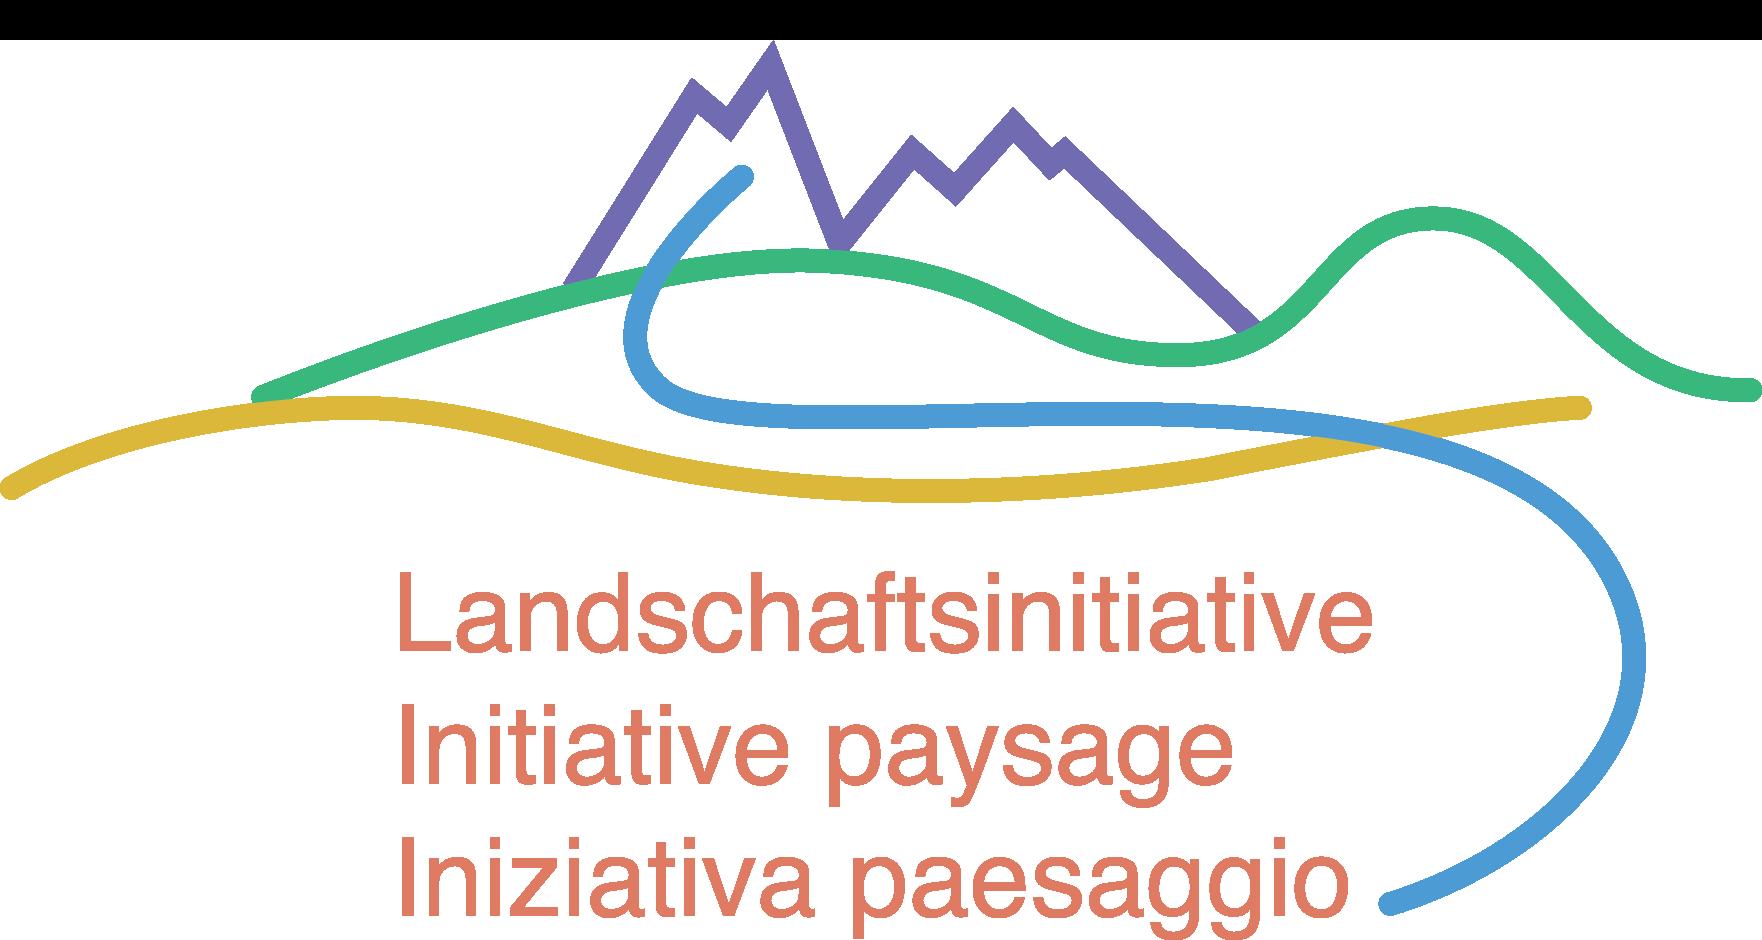 L'iniziativa paesaggio